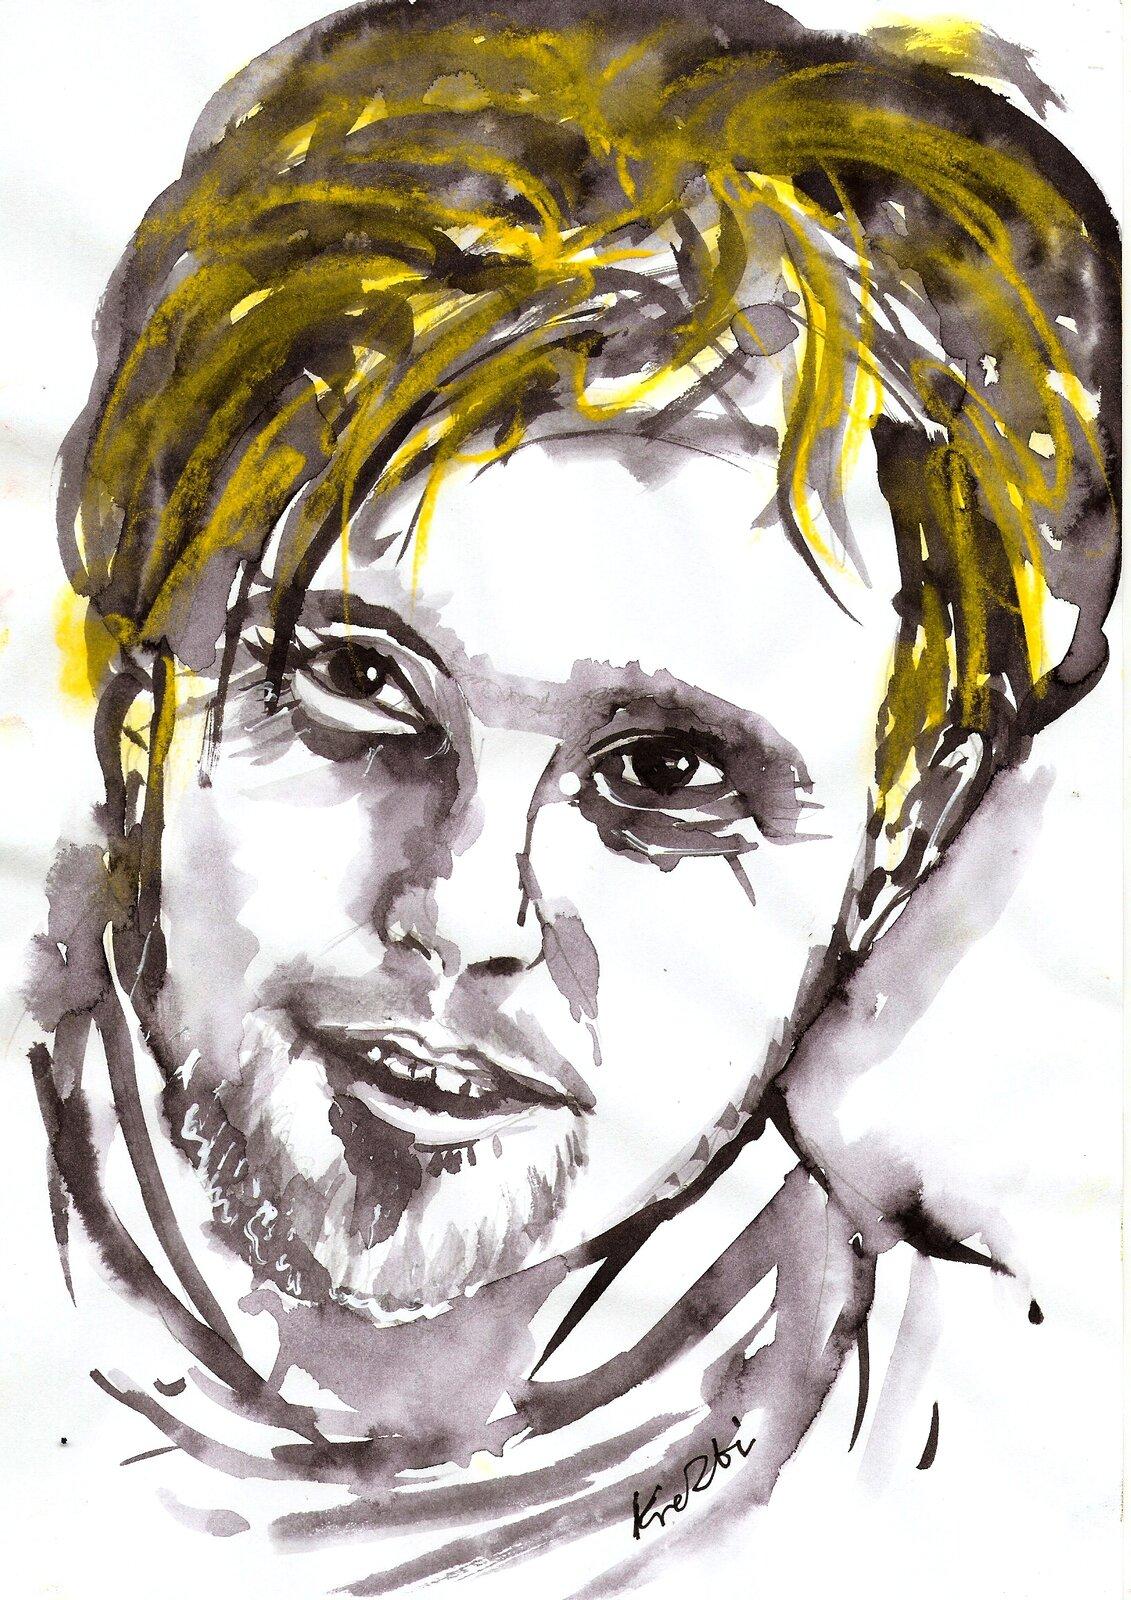 Ilustracja przedstawia portret polskiego muzyka Krzysztofa Komede autorstwa Zbigniewa Kresowatego.